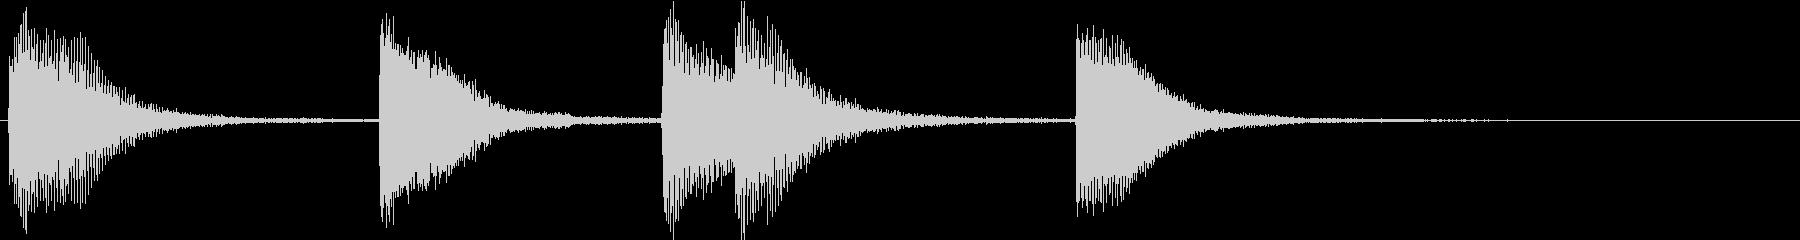 ピアノジングル 幼児向けアニメ系E-01の未再生の波形